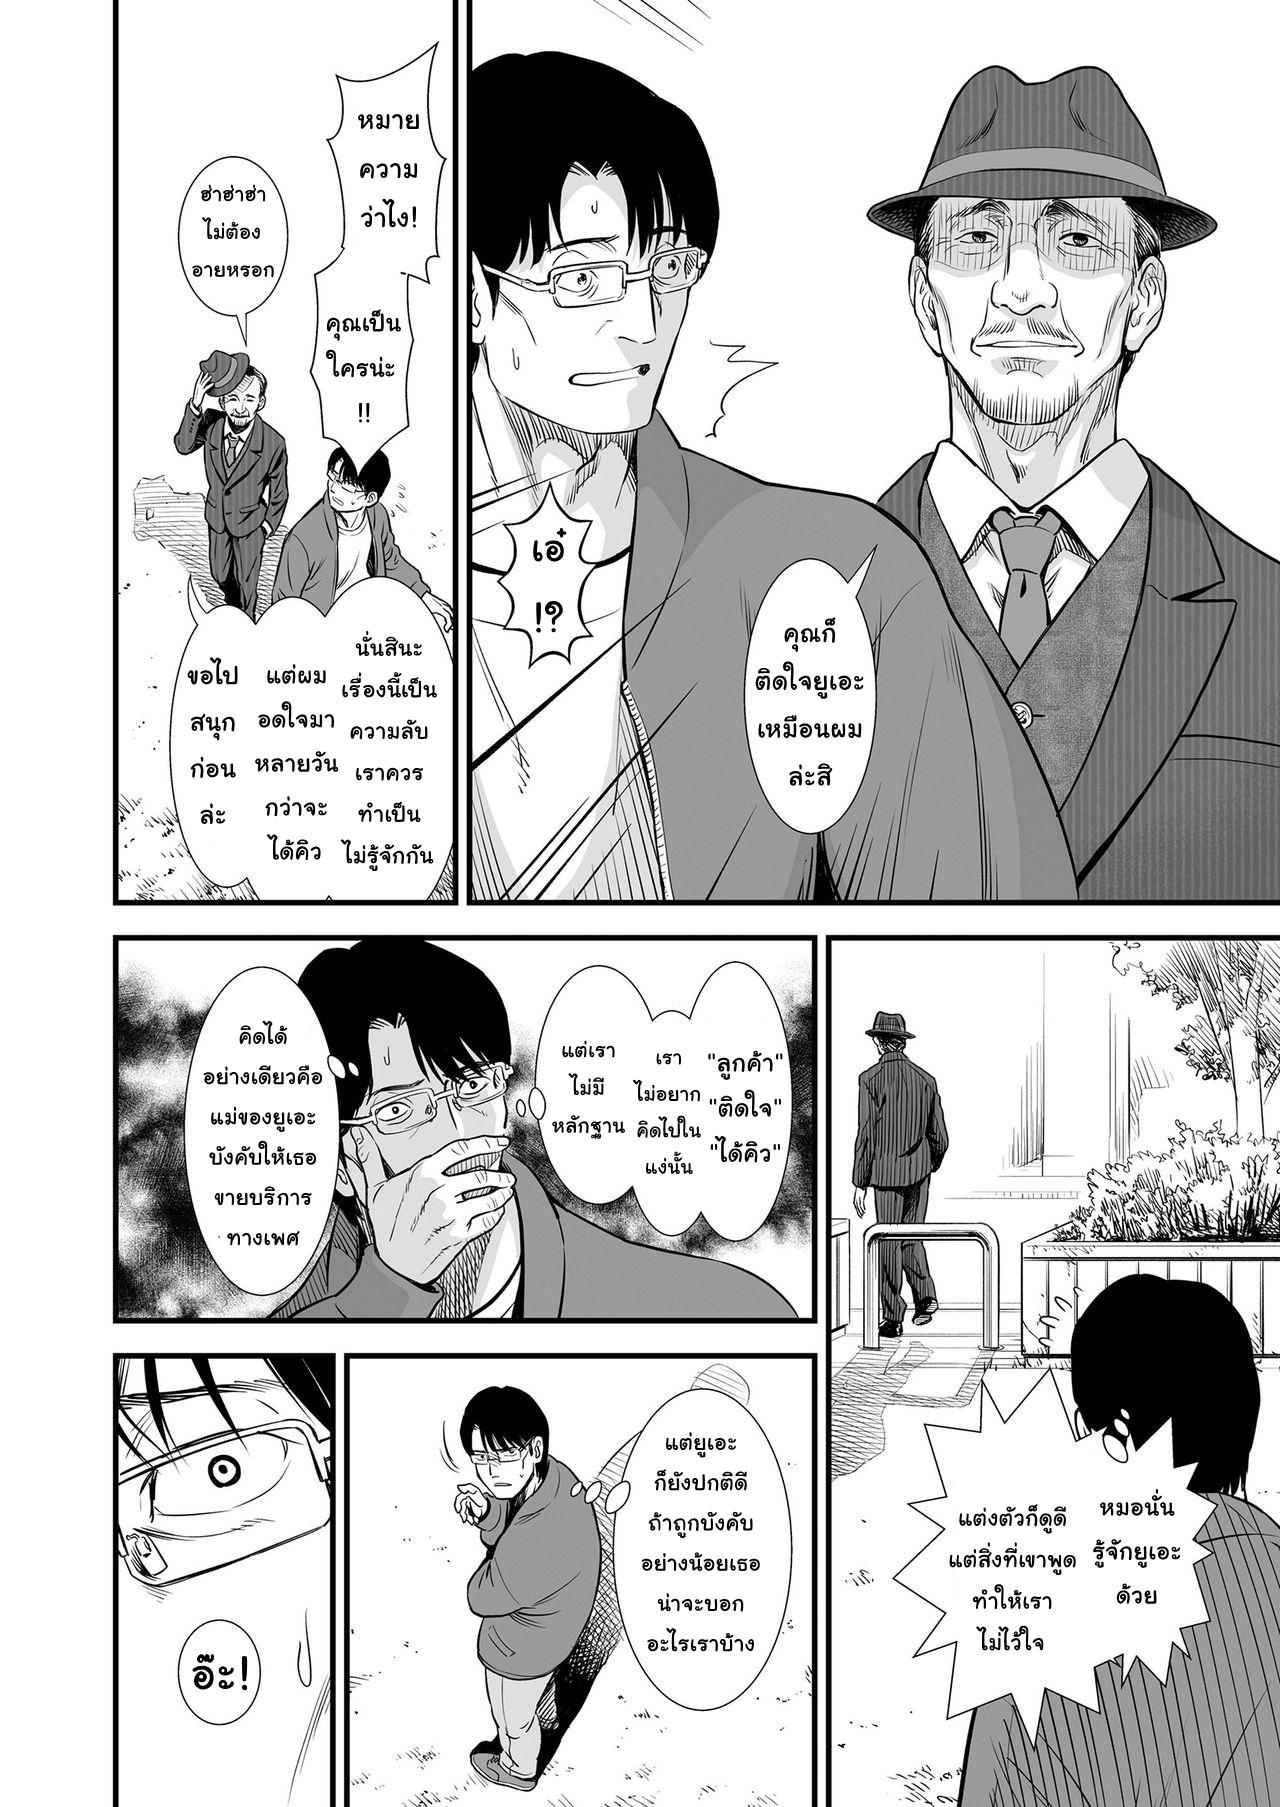 หน้าที่ของยูเอะจัง ภาพ 7